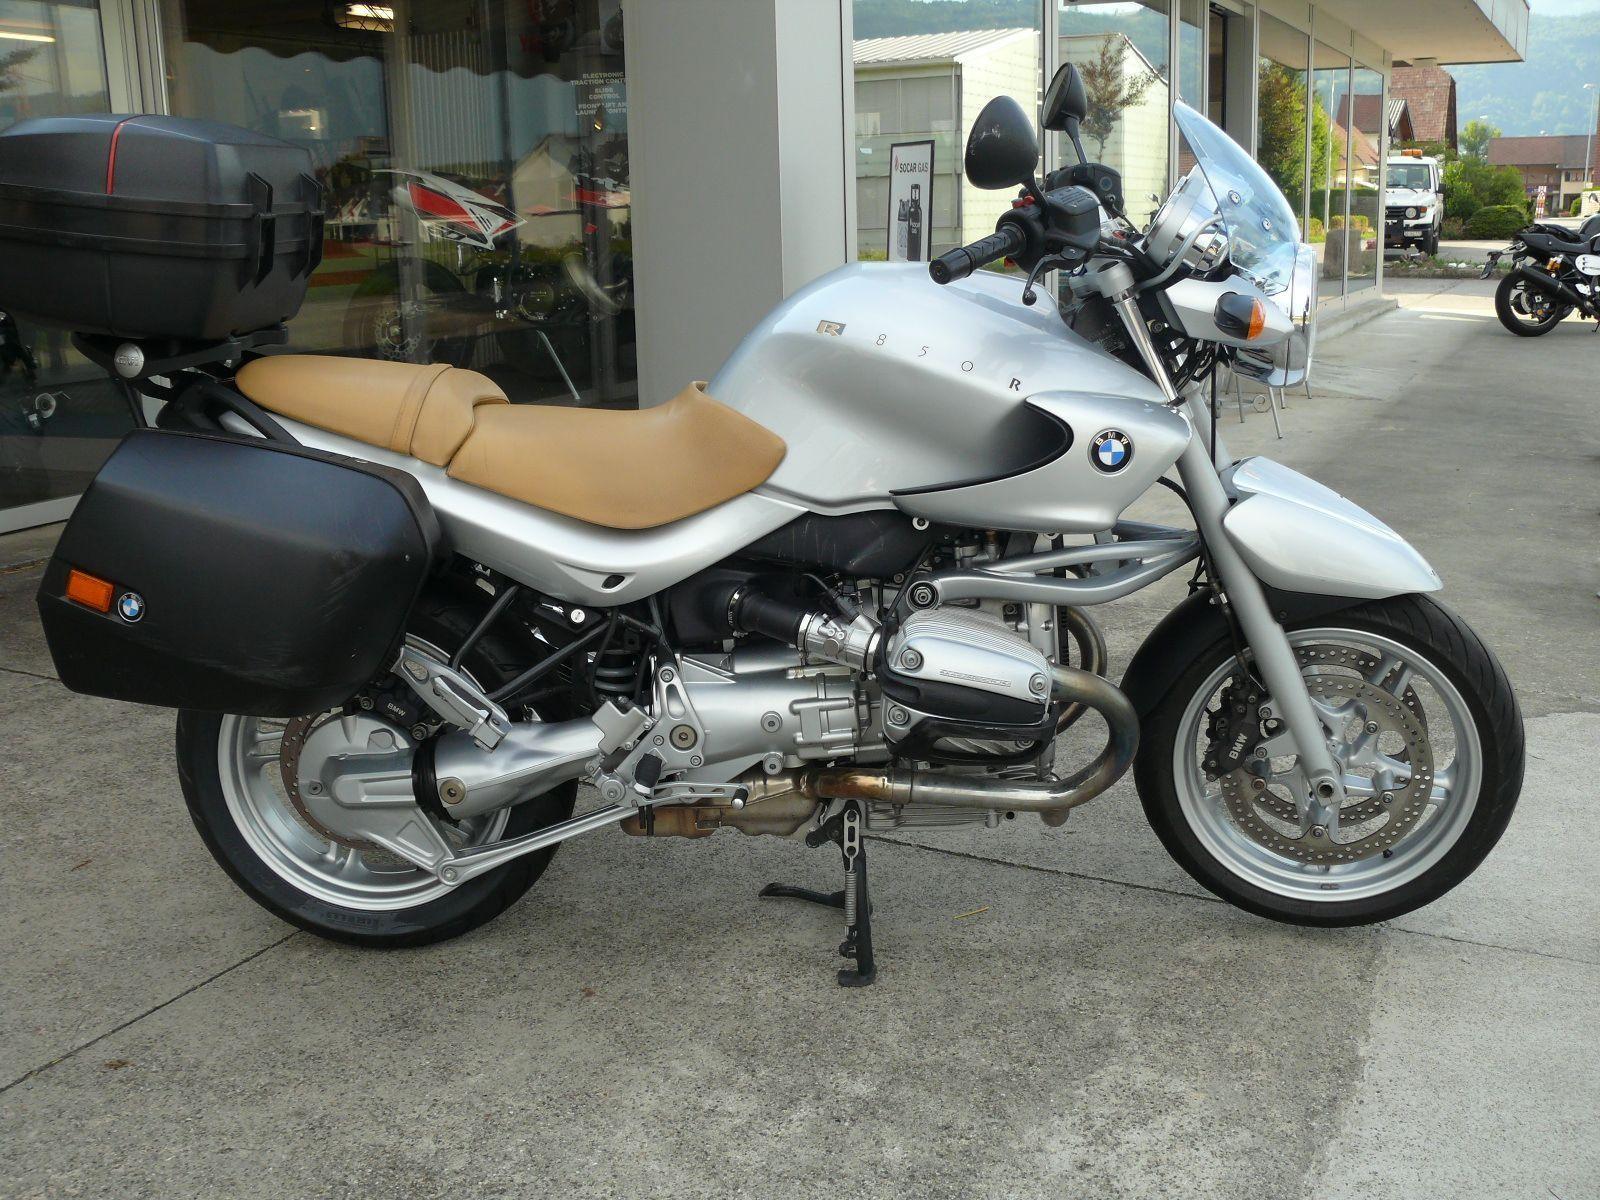 motorrad occasion kaufen bmw r 850 r von arb bike ag neuendorf. Black Bedroom Furniture Sets. Home Design Ideas